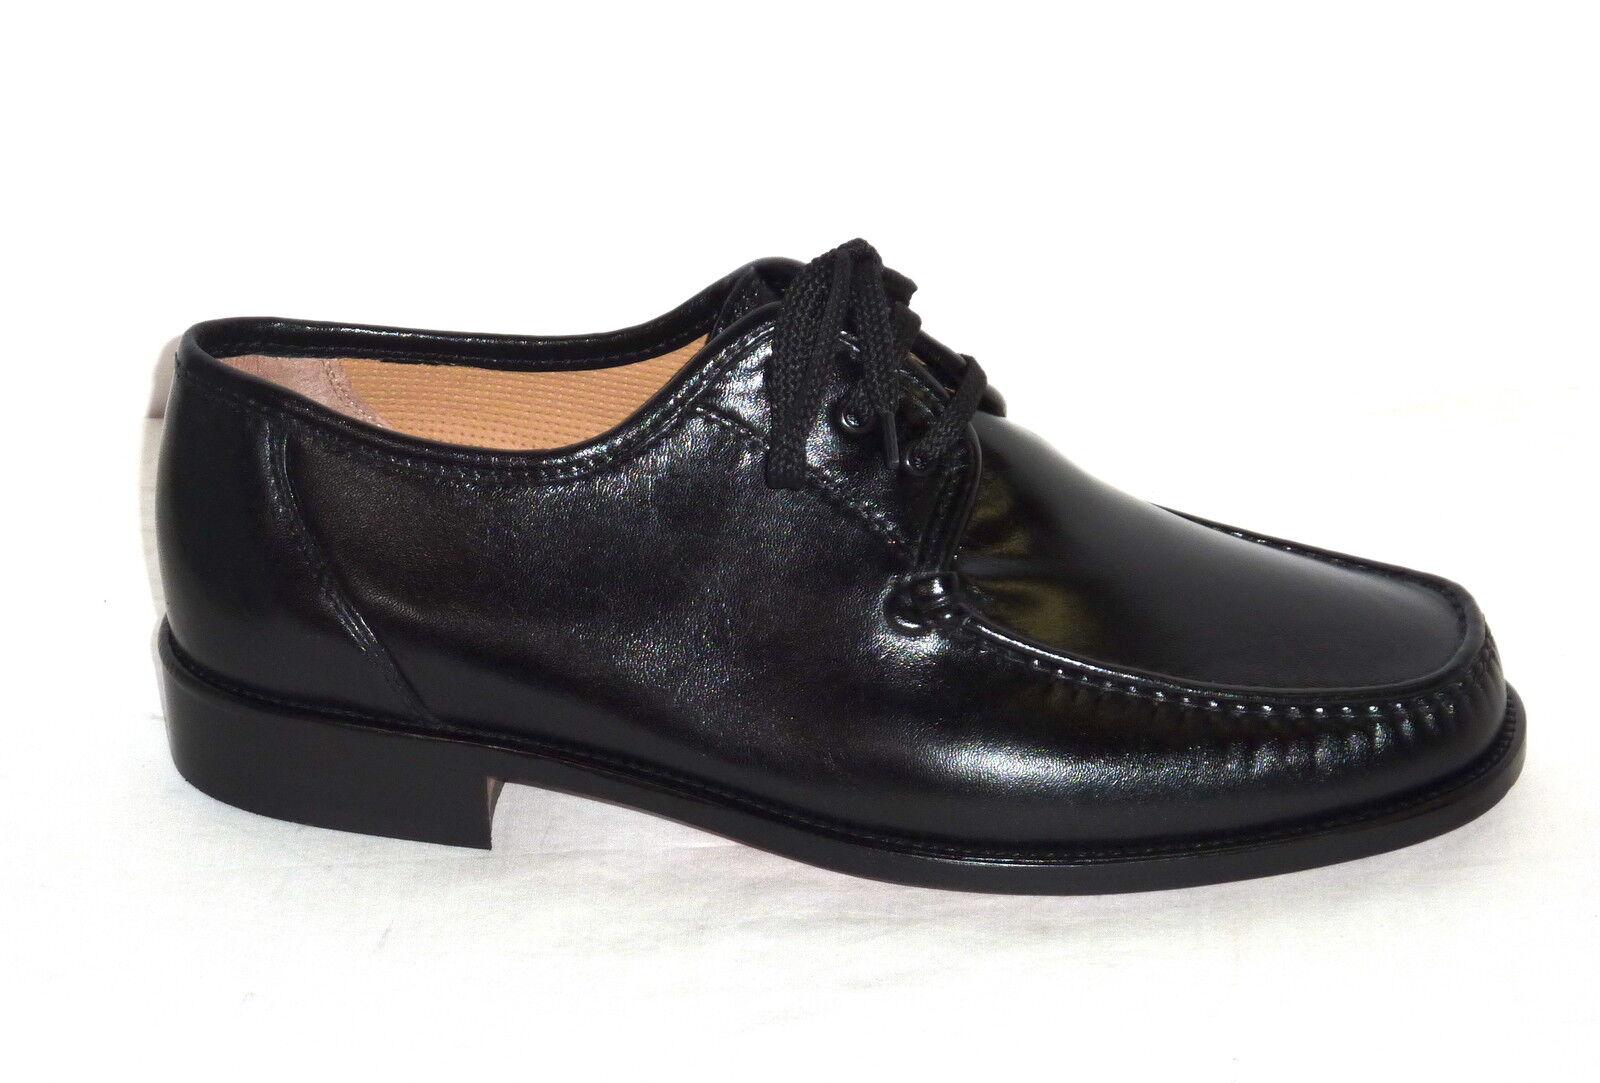 U4290H MELLUSO zapatos hombres ALLACCIATE PELLE VITELLO negro MODA COMODA n. 39